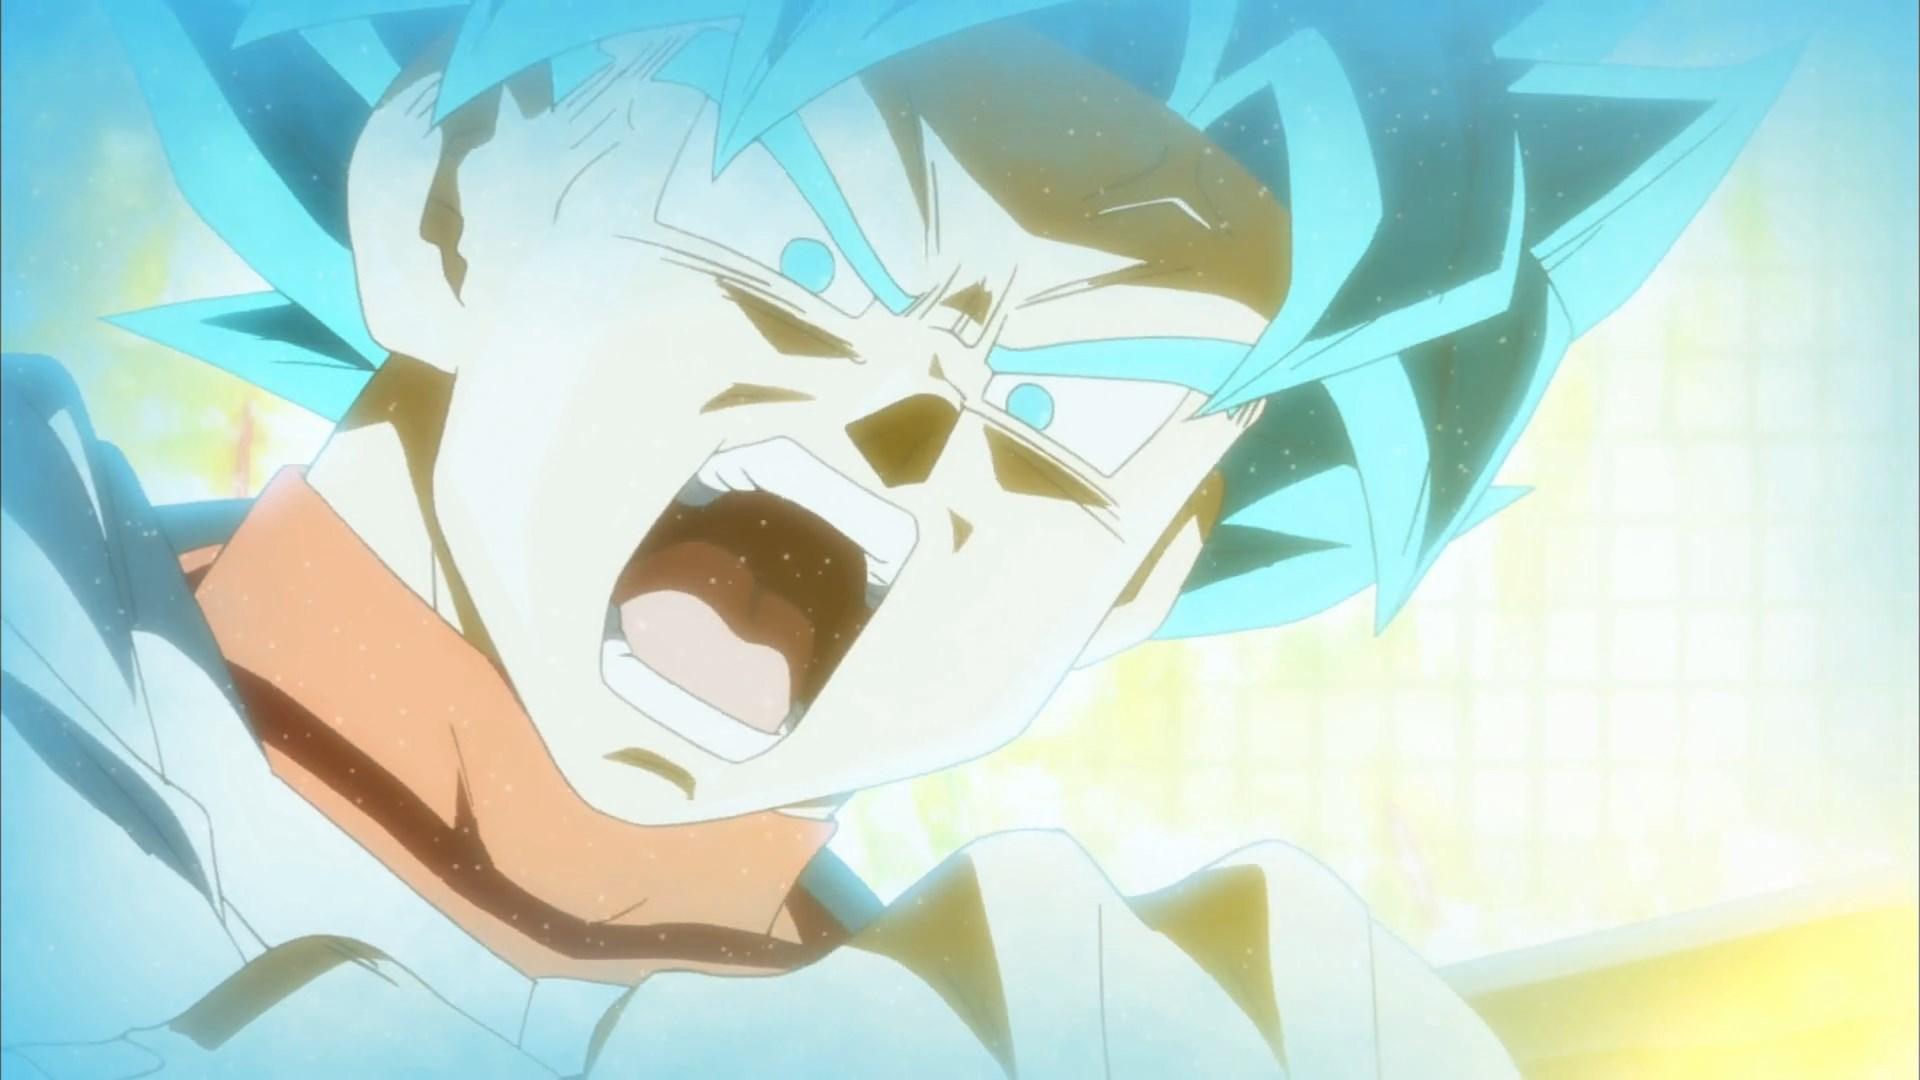 [DS] Dragon Ball Super 070 [1080p].mkv_snapshot_15.41_[2016.12.11_03.51.57]